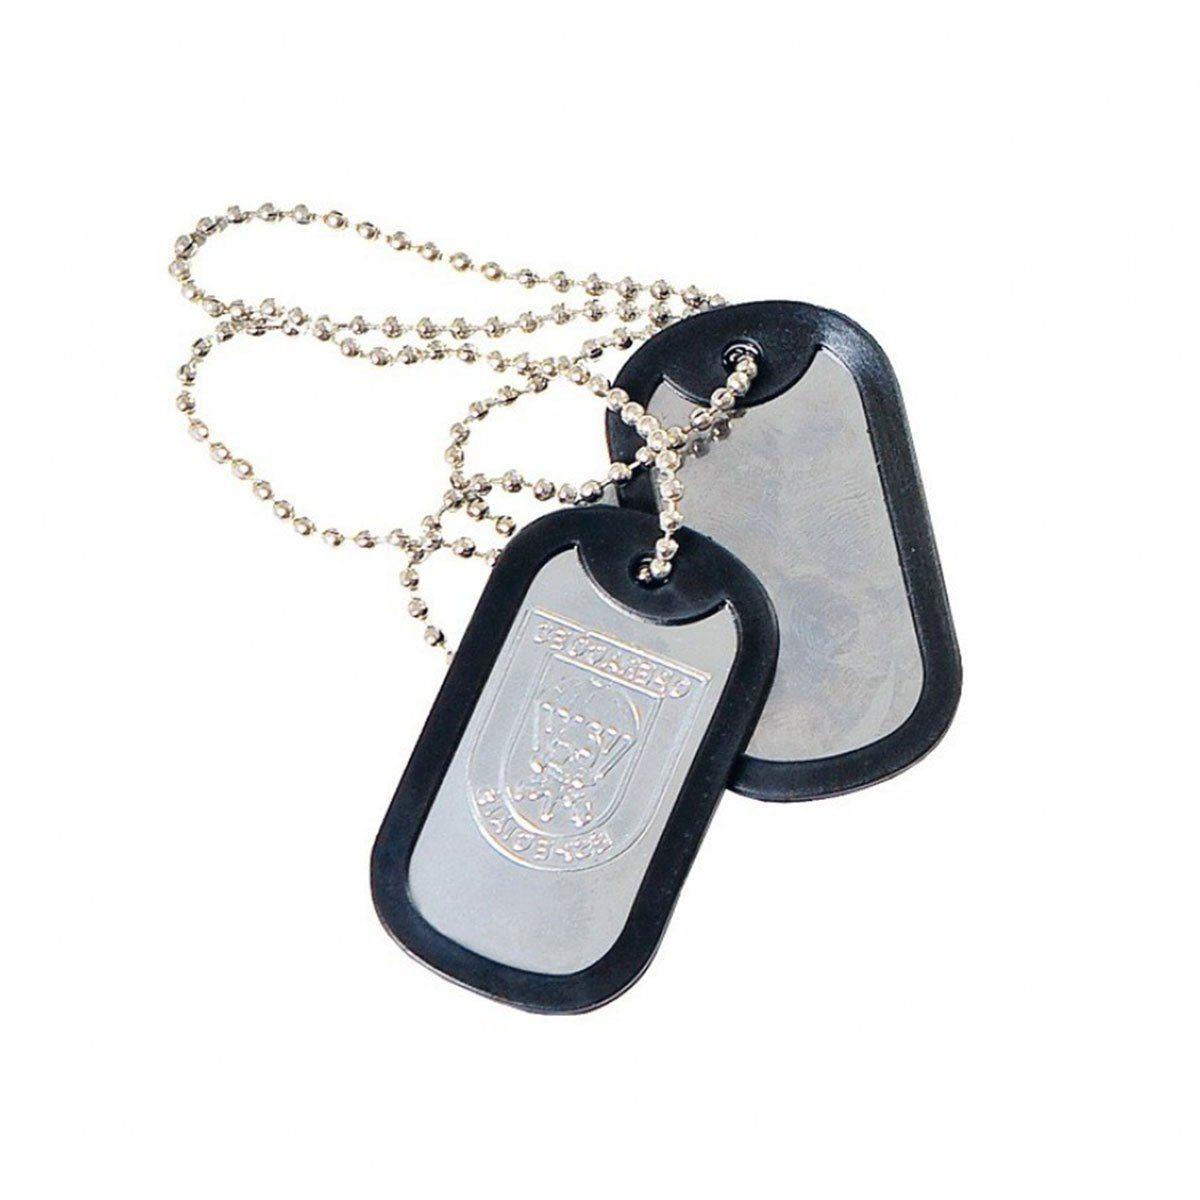 Dog Tag Placa de Identificação Op Especiais Elite Comandos